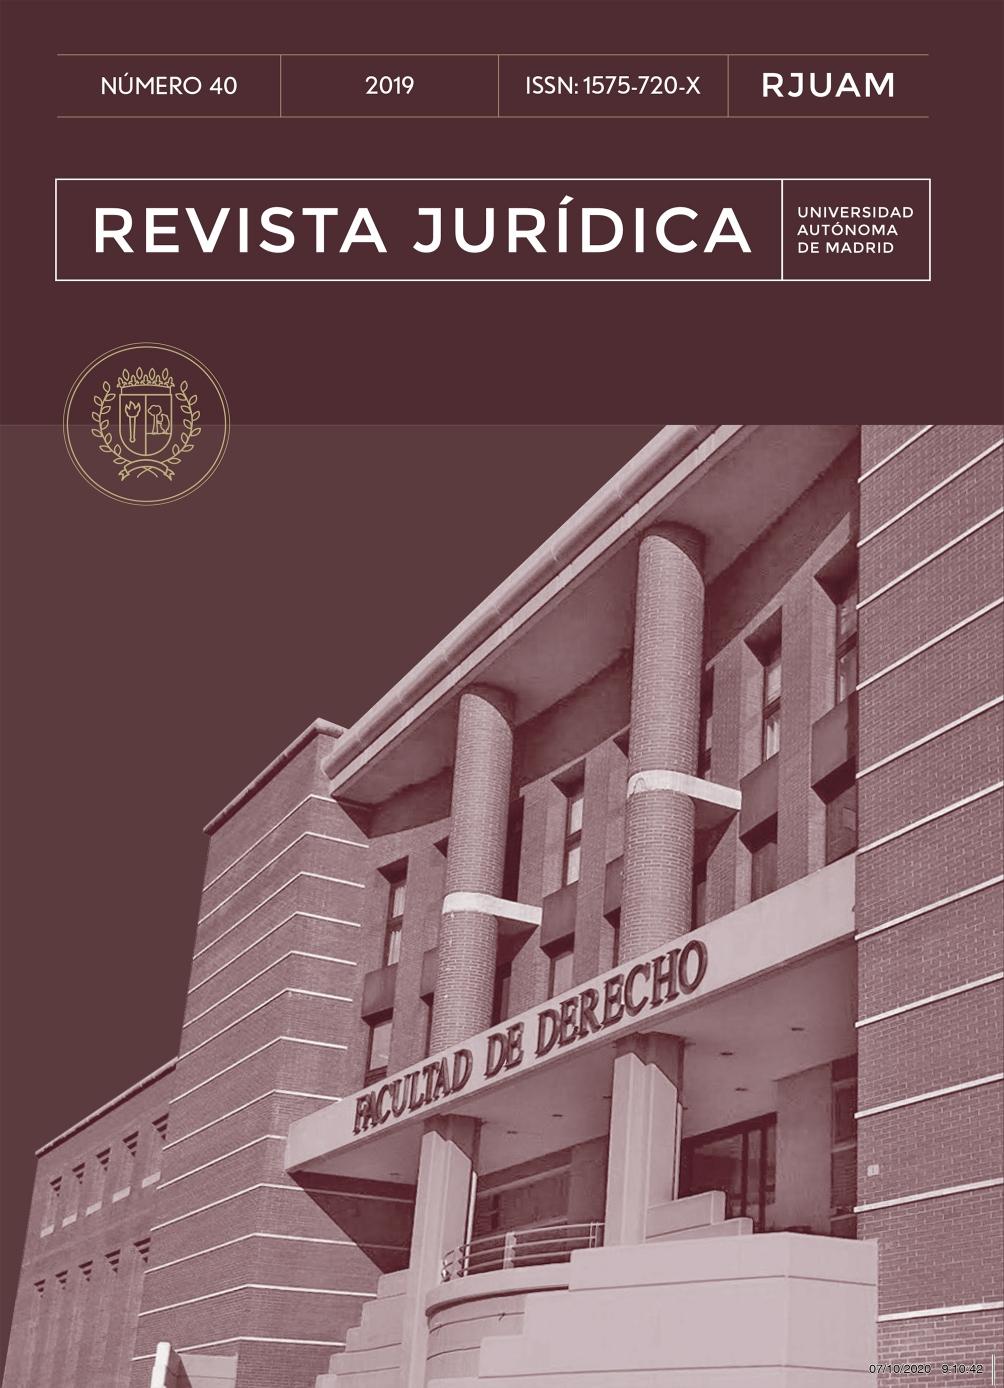 Portada del número 40 de la Revista Jurídica de la Universidad Autónoma de Madrid